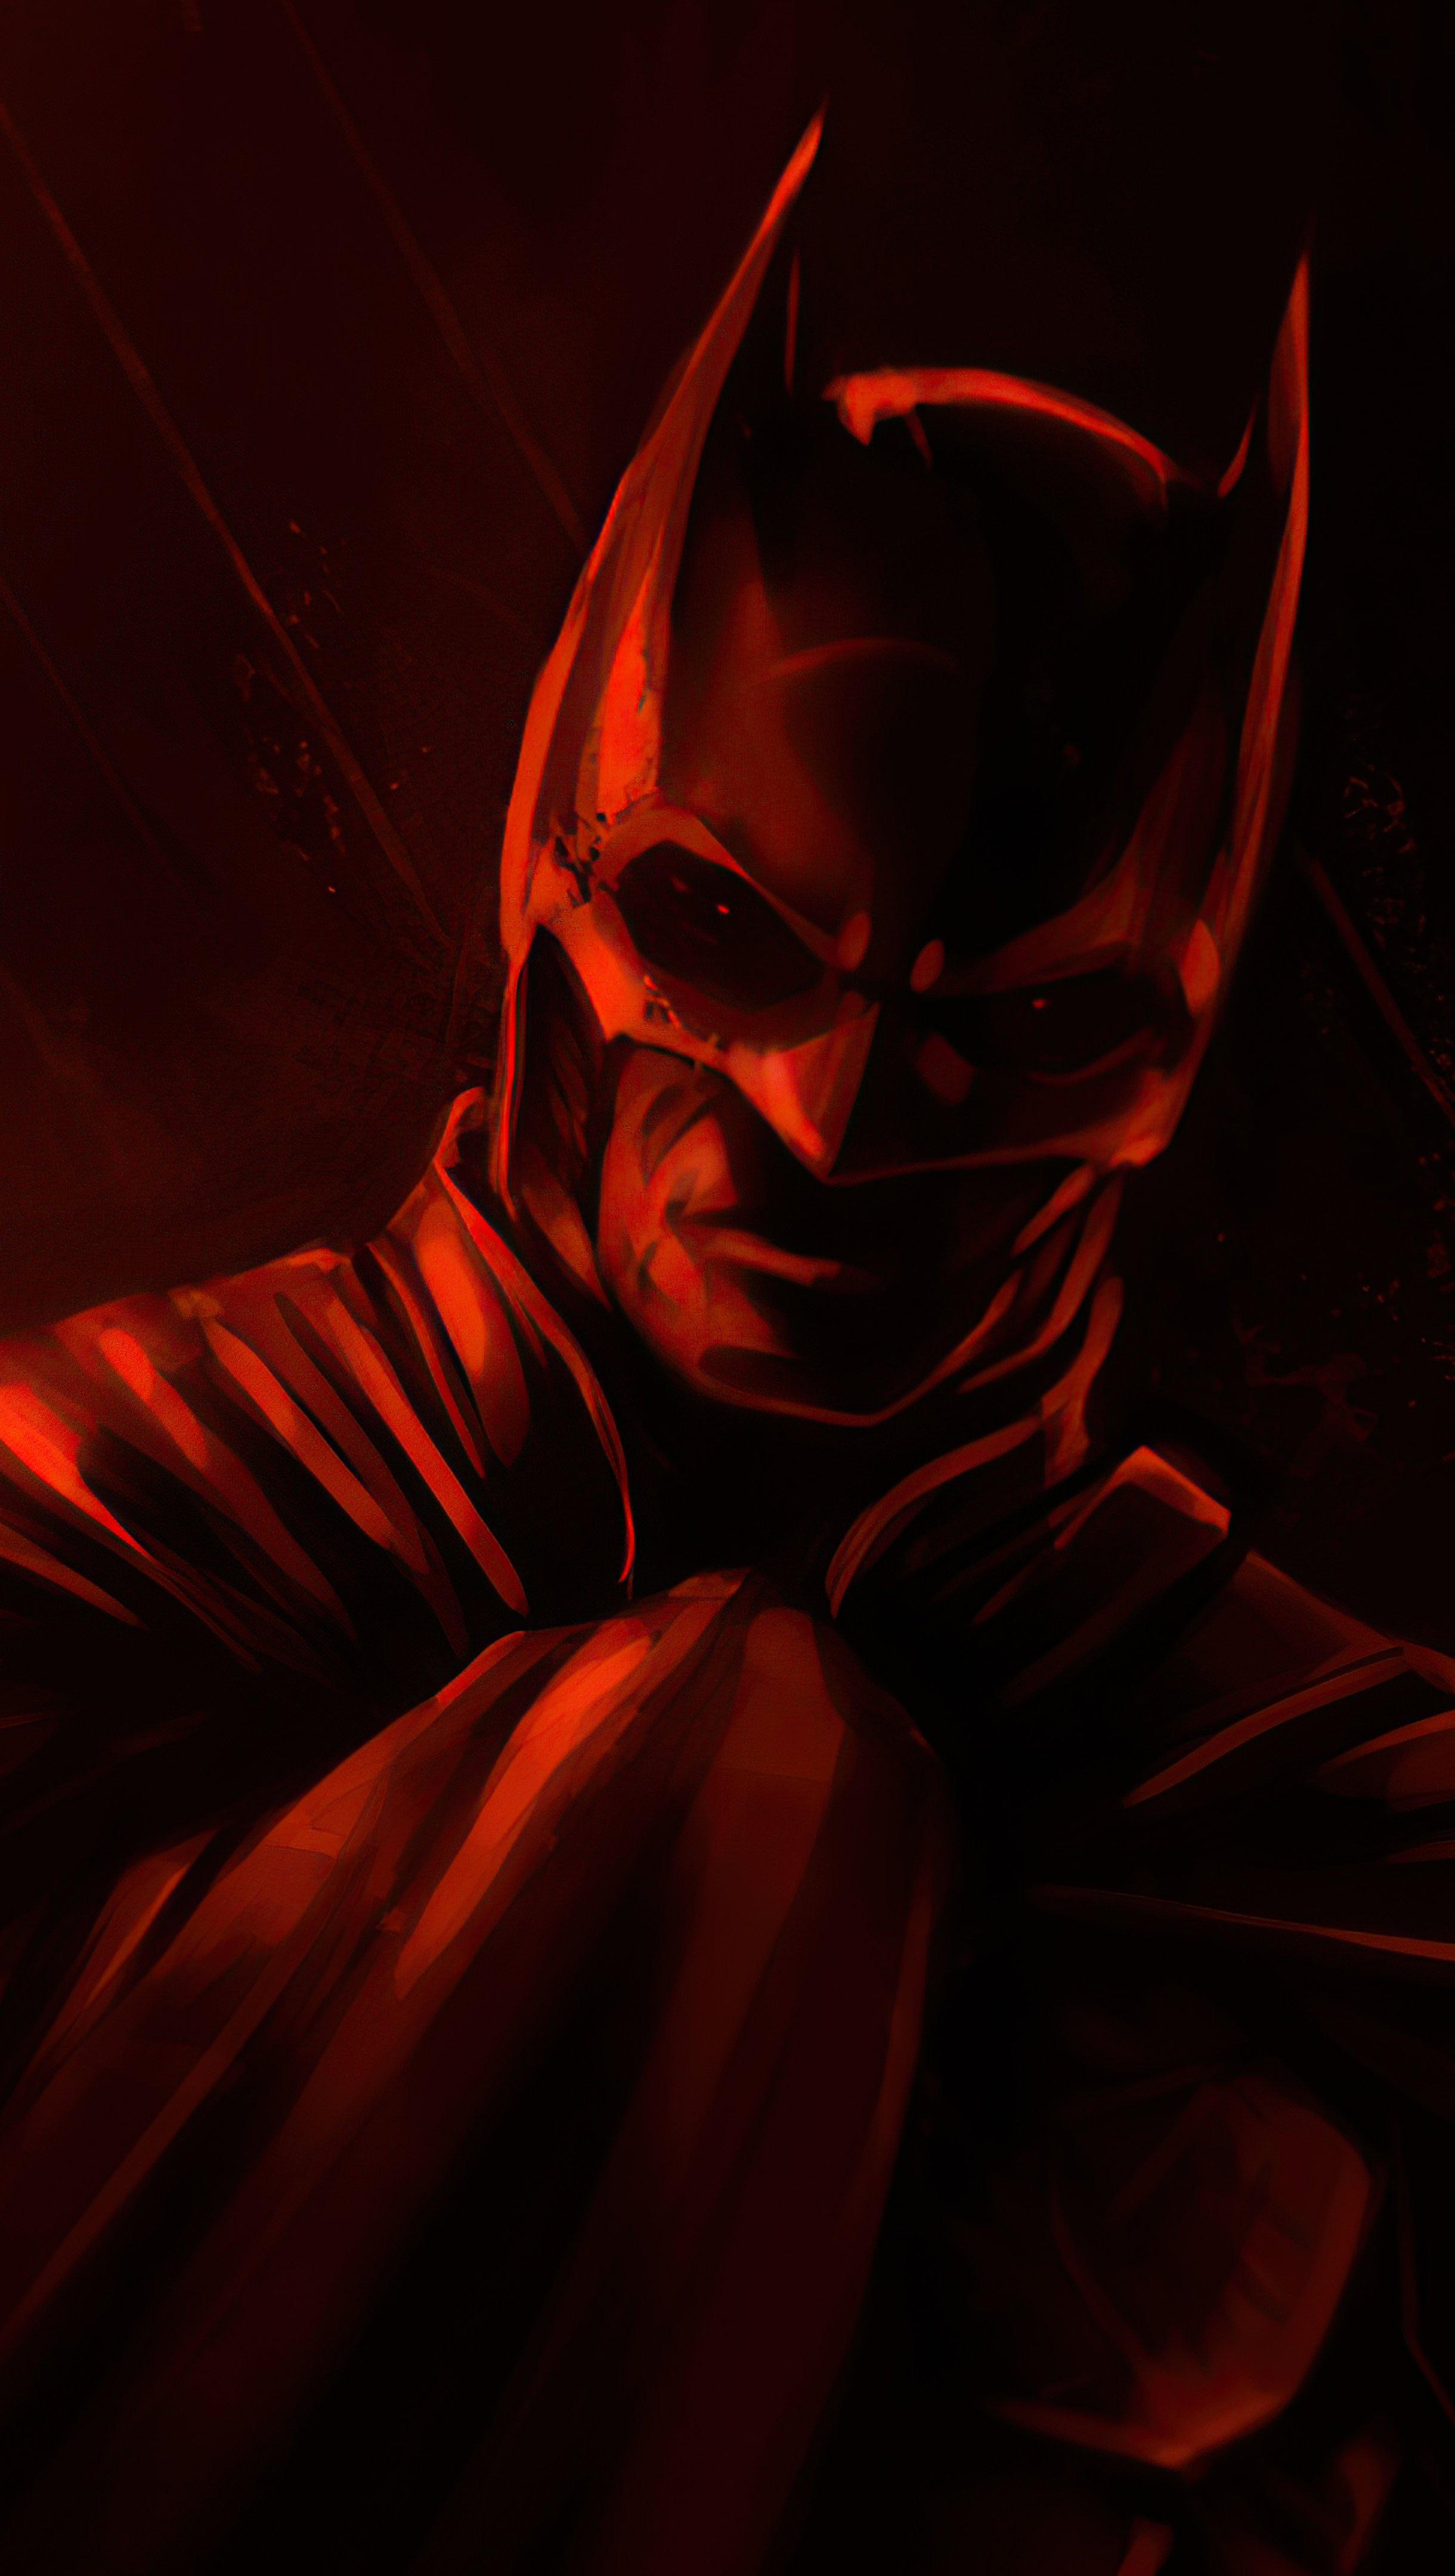 Fondos de pantalla Batman Samurai Vertical